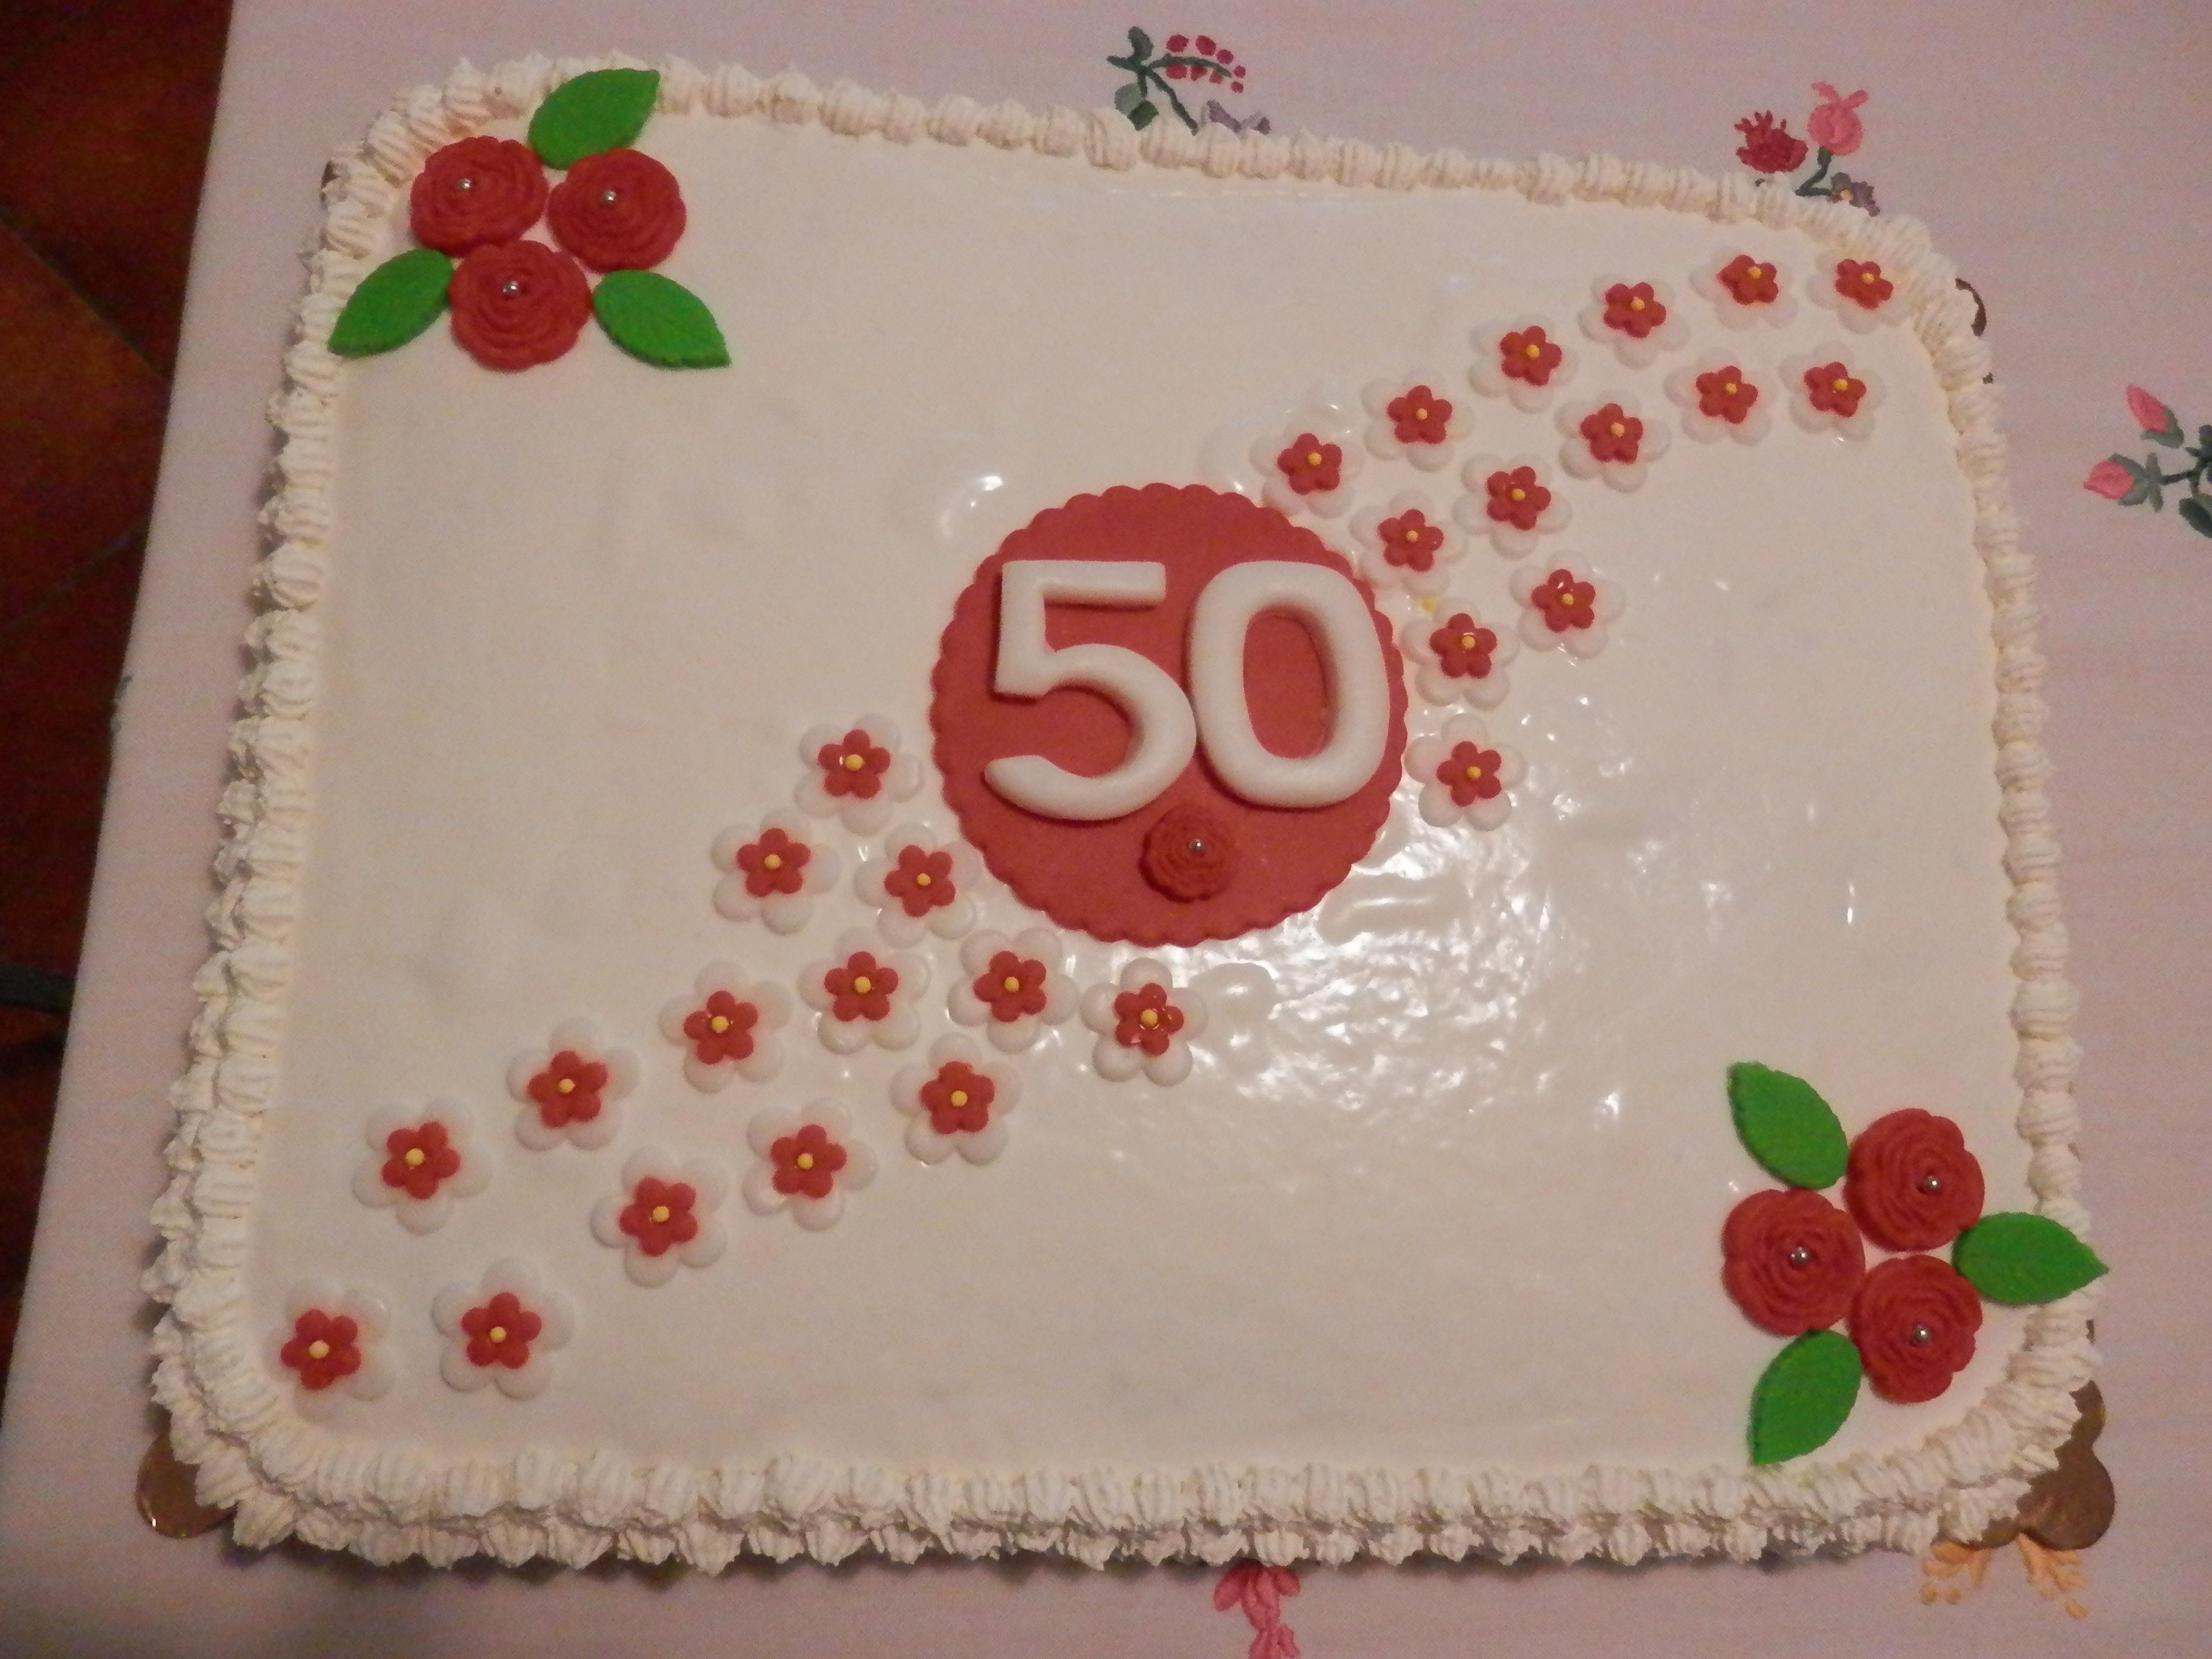 Ricetta torta compleanno 50 anni dolcidee for Decorazioni torte 40 anni uomo